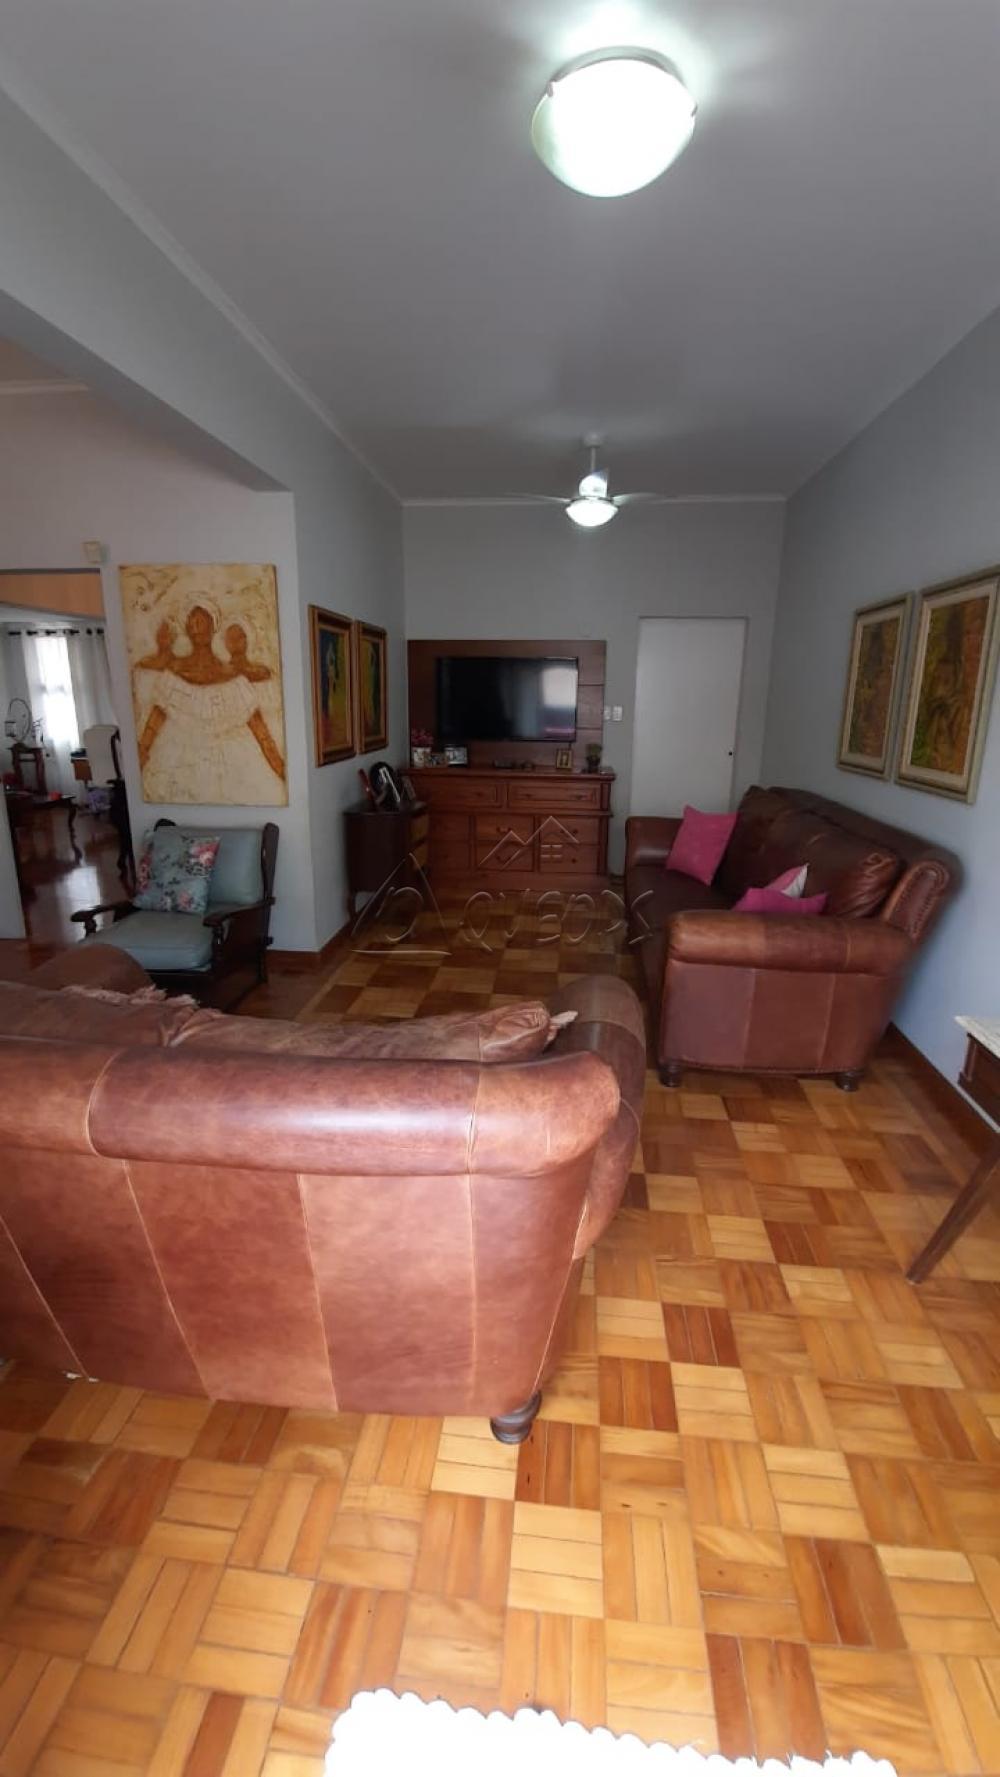 Comprar Casa / Padrão em Barretos apenas R$ 500.000,00 - Foto 8